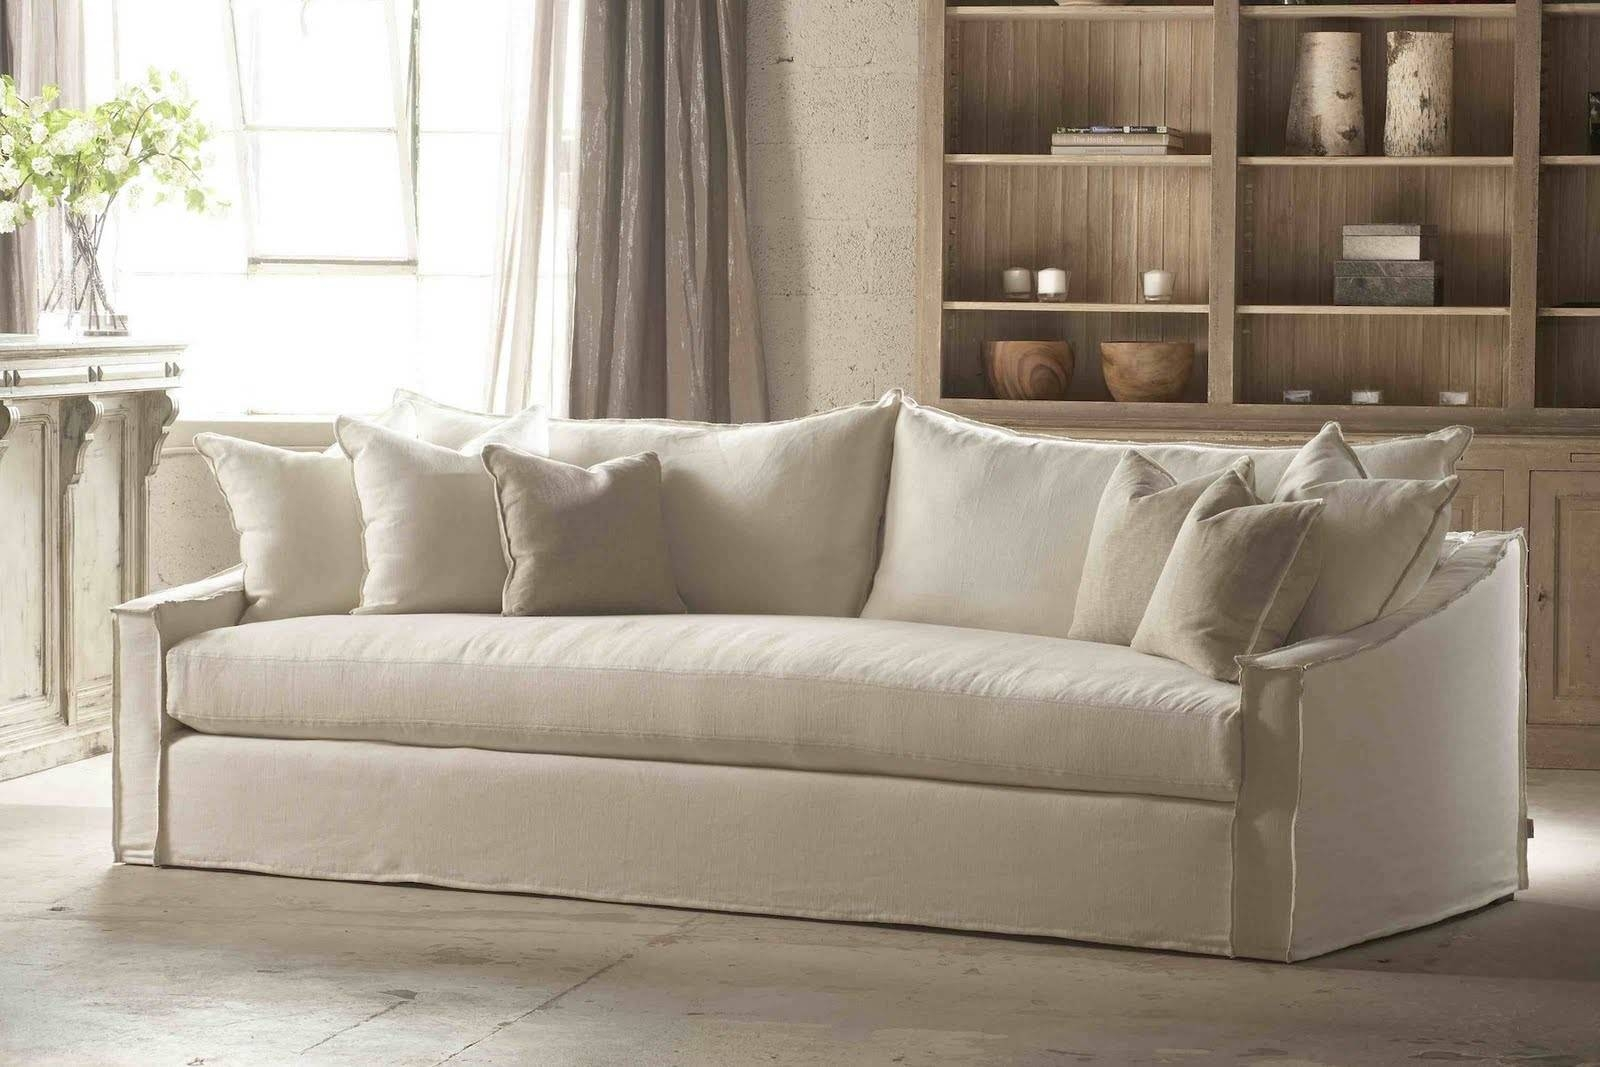 Sofas Center : White Slipcovers For Sofa Namur Herringbone Ivory in Canvas Slipcover Sofas (Image 14 of 15)